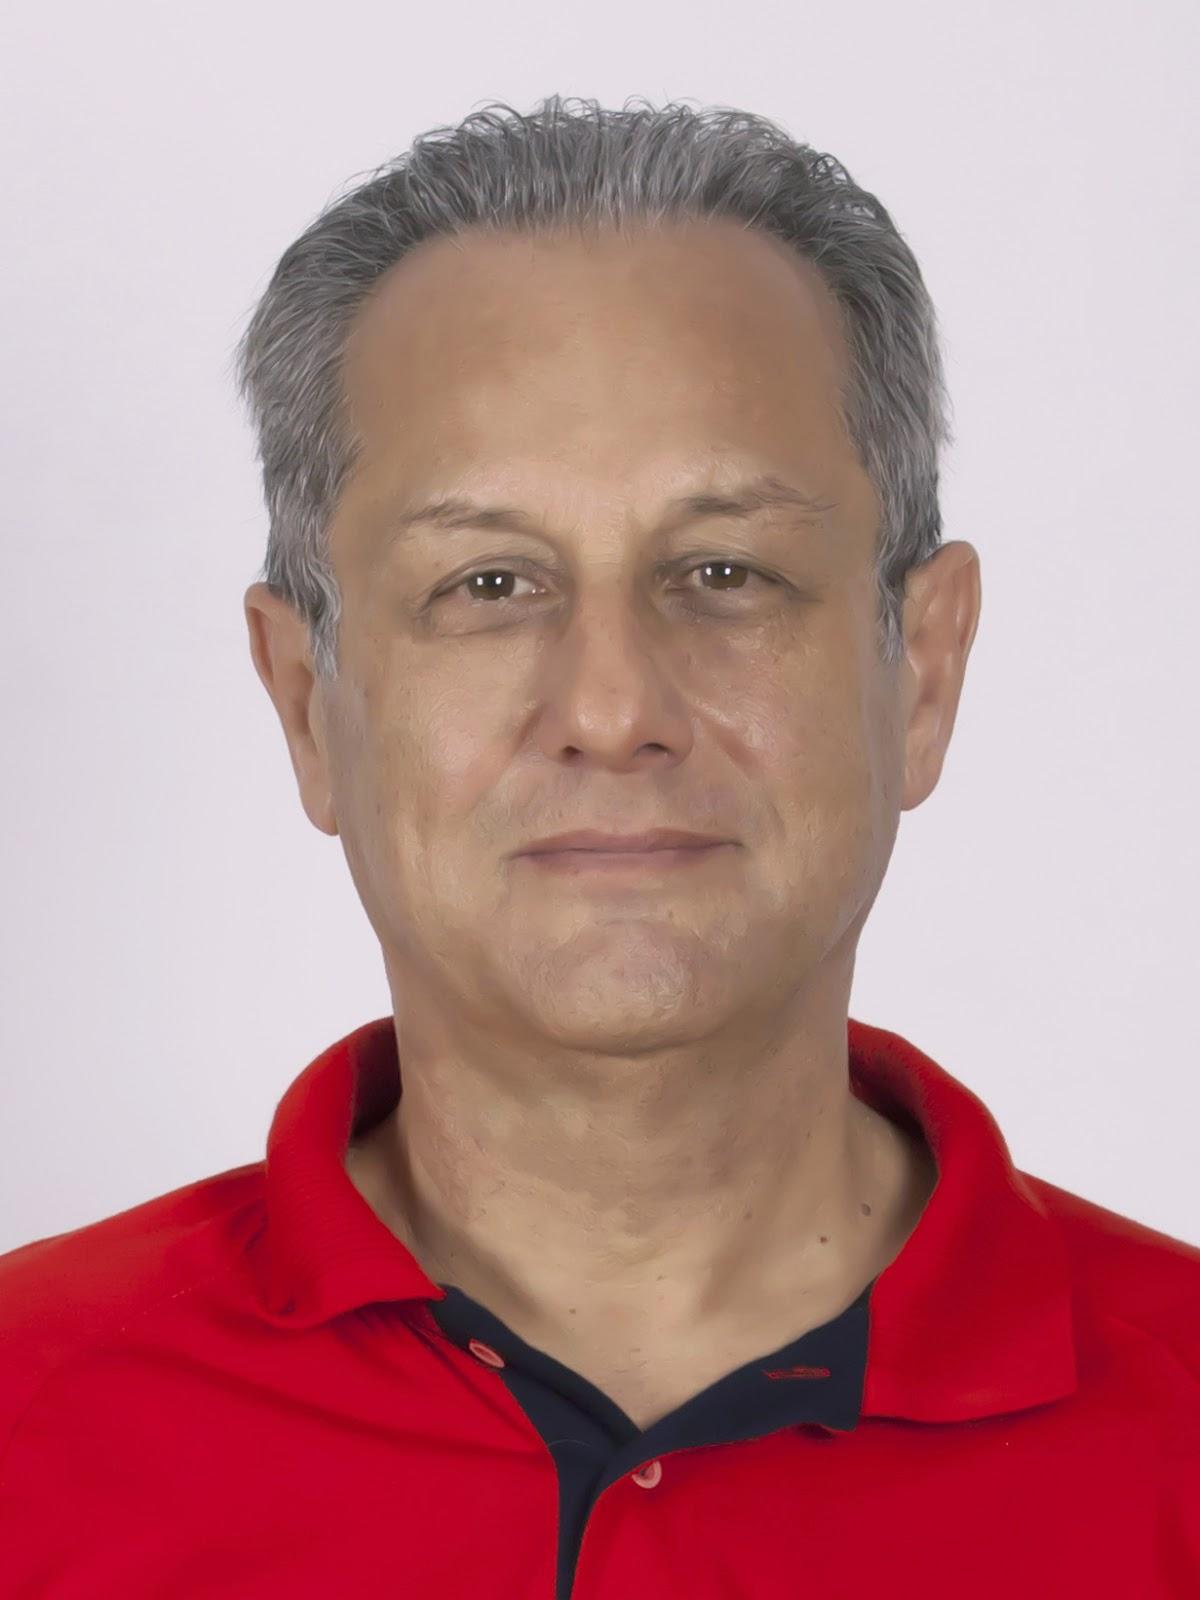 Julio Velasco 2013 la Palabra de Julio Velasco